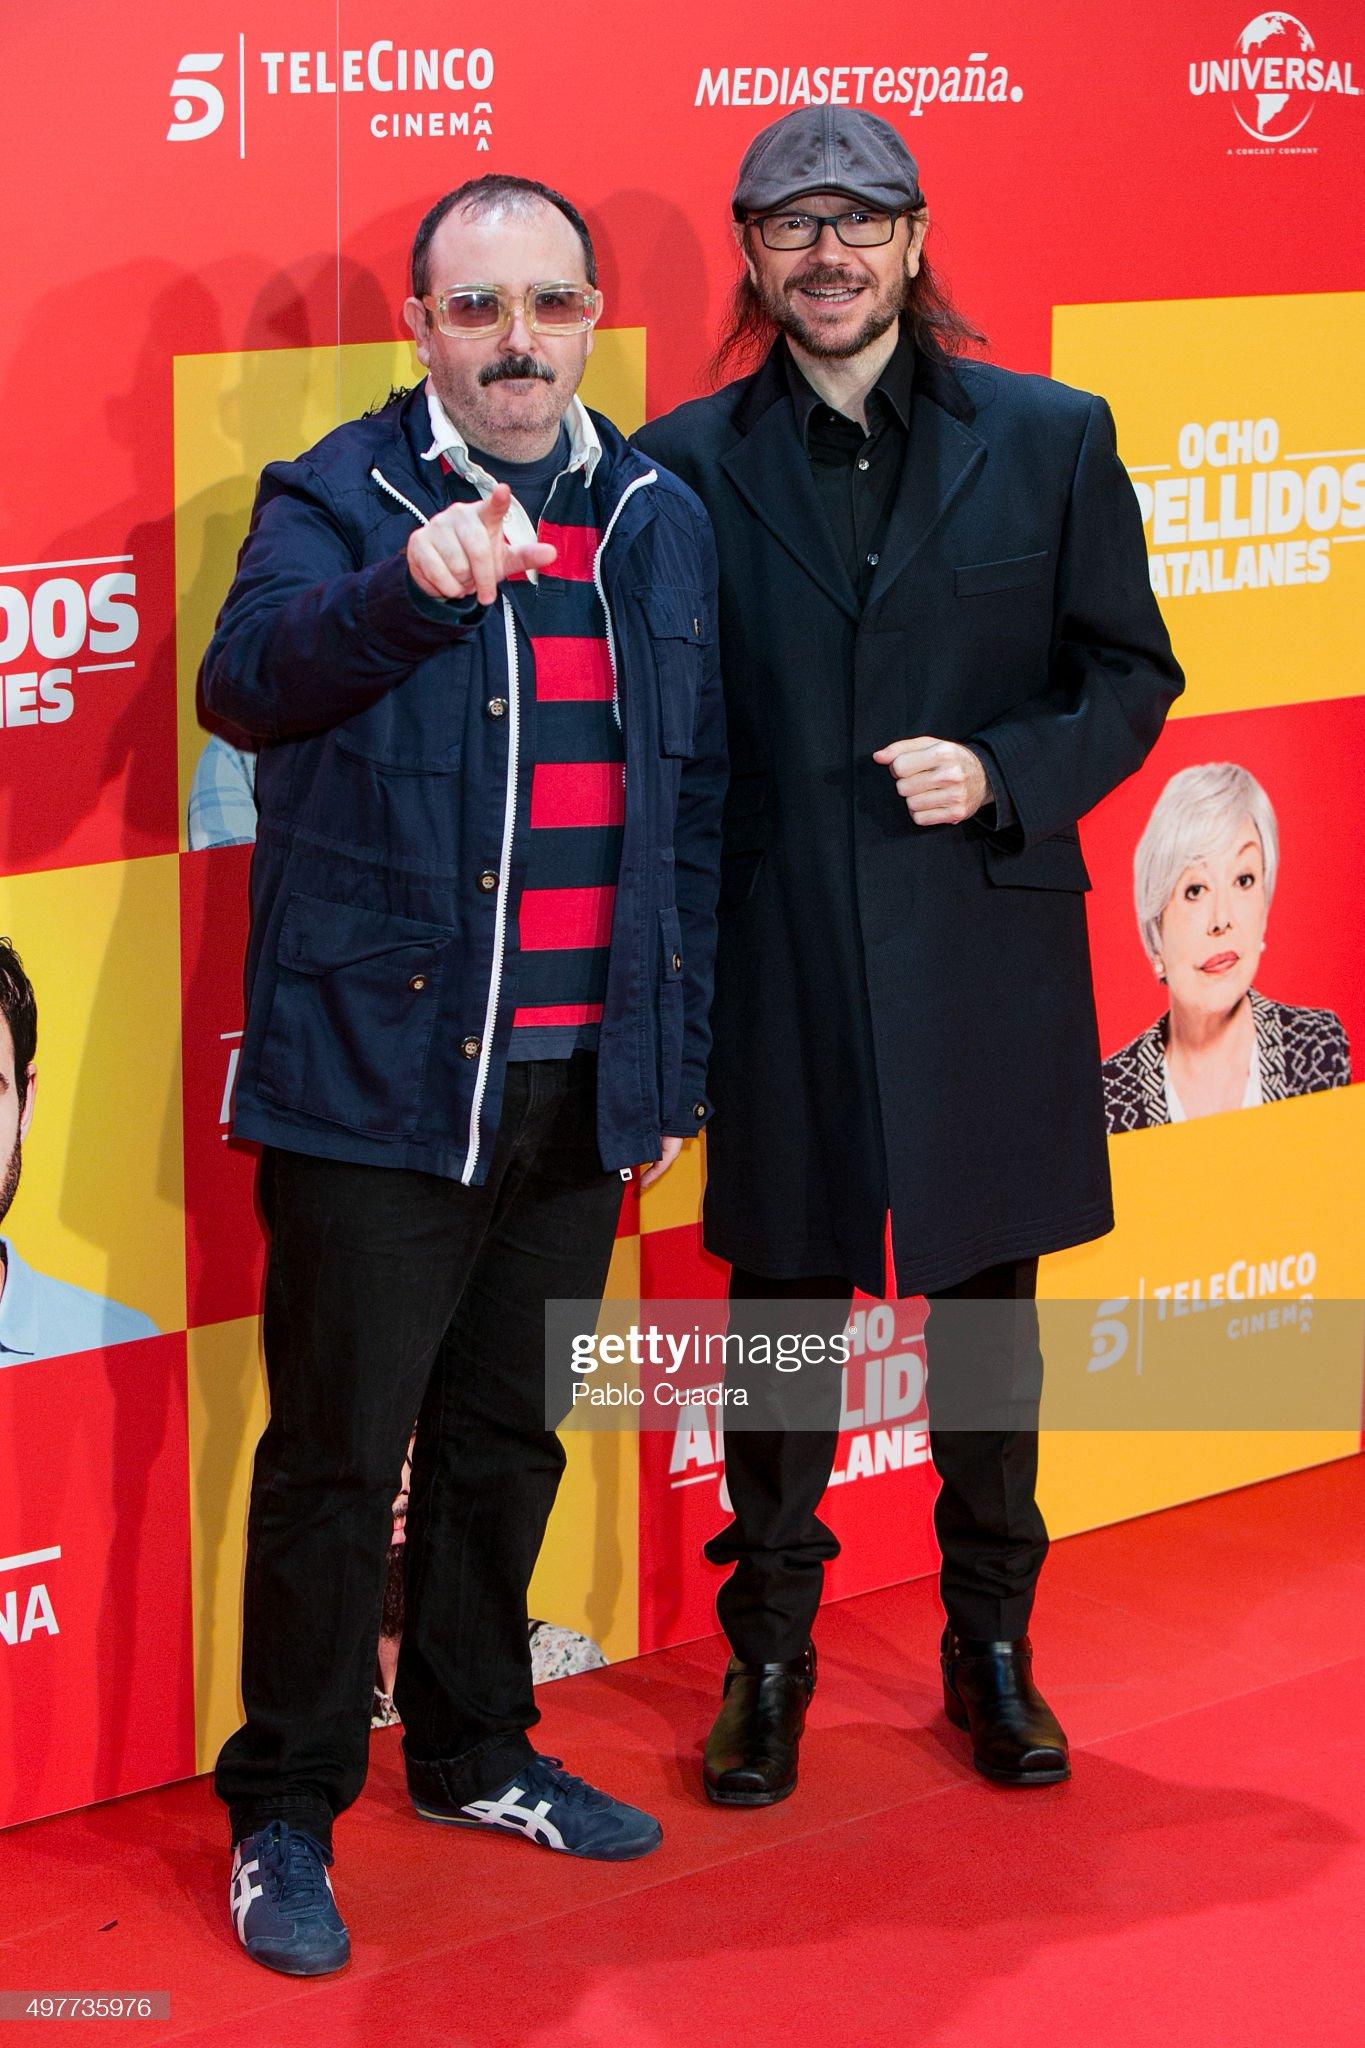 ¿Cuánto mide Carlos Areces? - Altura Carlos-areces-and-santiago-segura-attend-the-ocho-apellidos-premiere-picture-id497735976?s=2048x2048